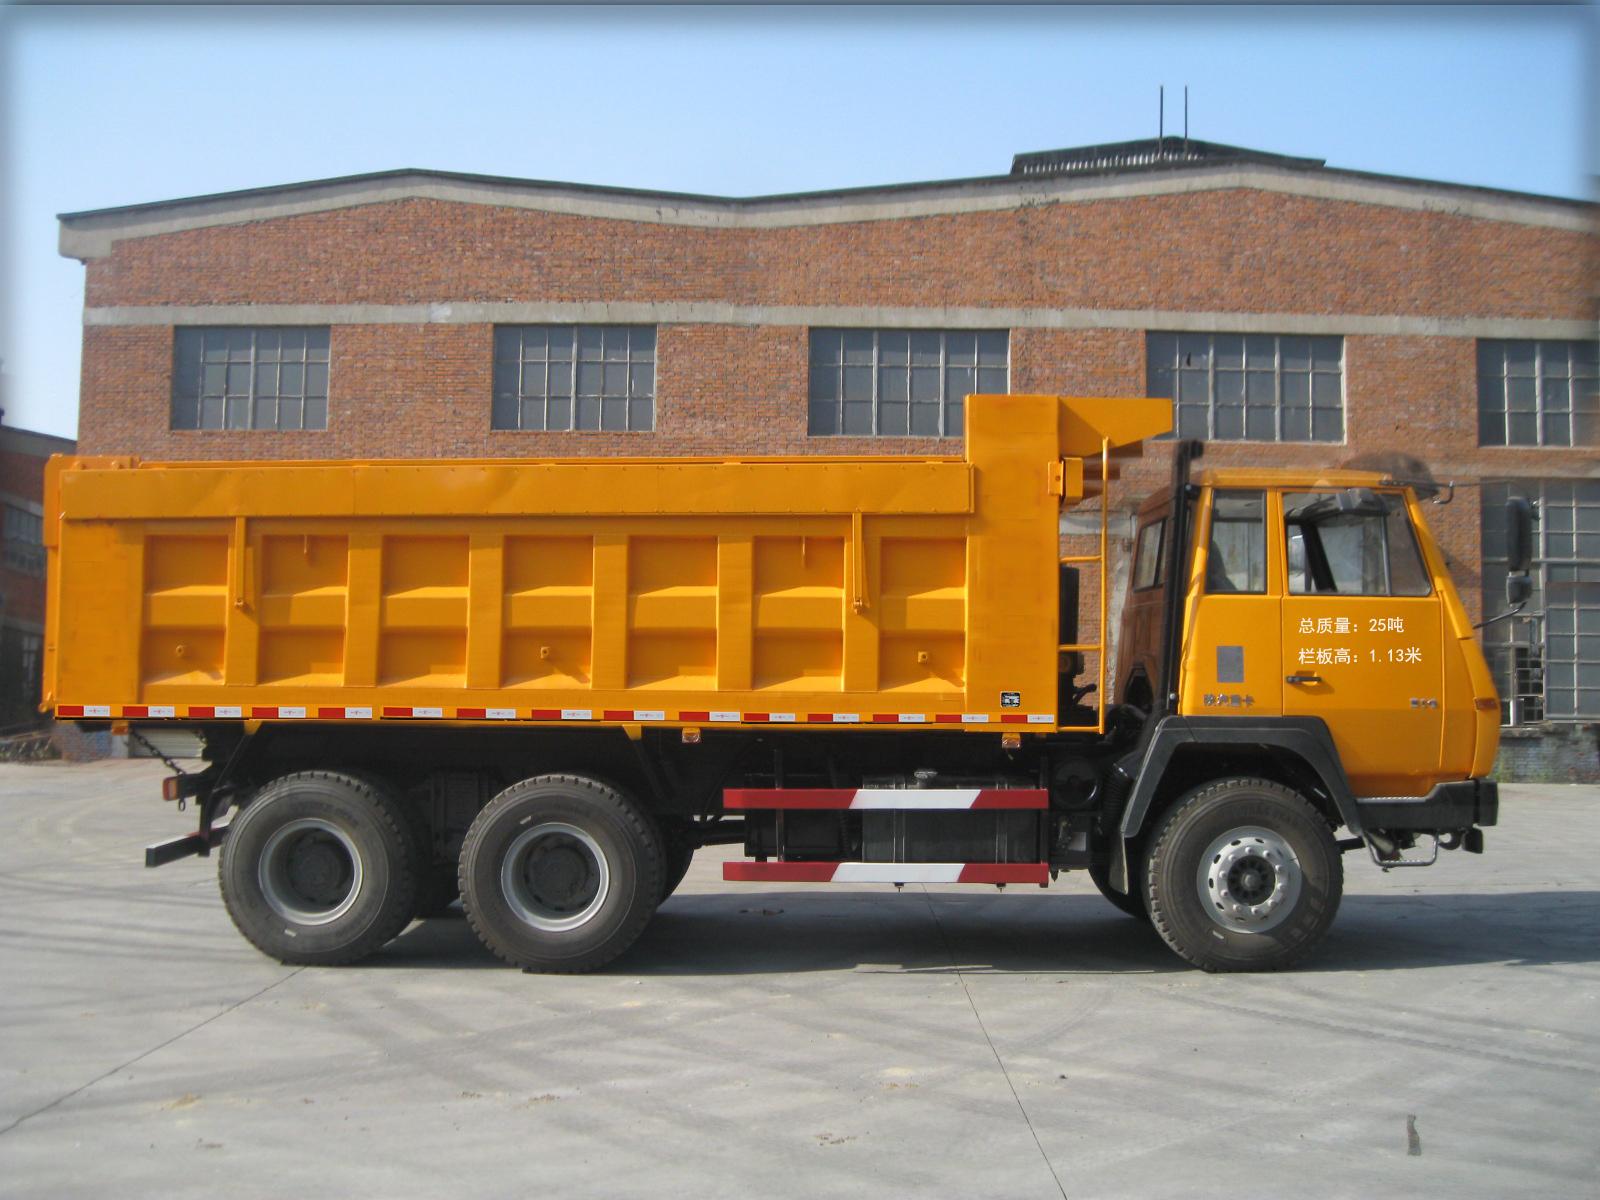 1.该车选装带盖货箱,盖重300kg.选装带盖货箱时,整备质量为12500kg。选装货箱栏板外观结构,该车自卸方向为后翻;,2.侧防护材质为Q235A板材压制成槽型,断面尺寸为100mmX20mm;与副车架的连接方式为螺栓连接;侧防护的下缘离地面高度540mm;后防护材质为Q235A矩型管,断面尺寸为120mmX60mm;与底盘大梁的连接方式为螺栓连接;后防护的下缘离地面高度500mm;,3.